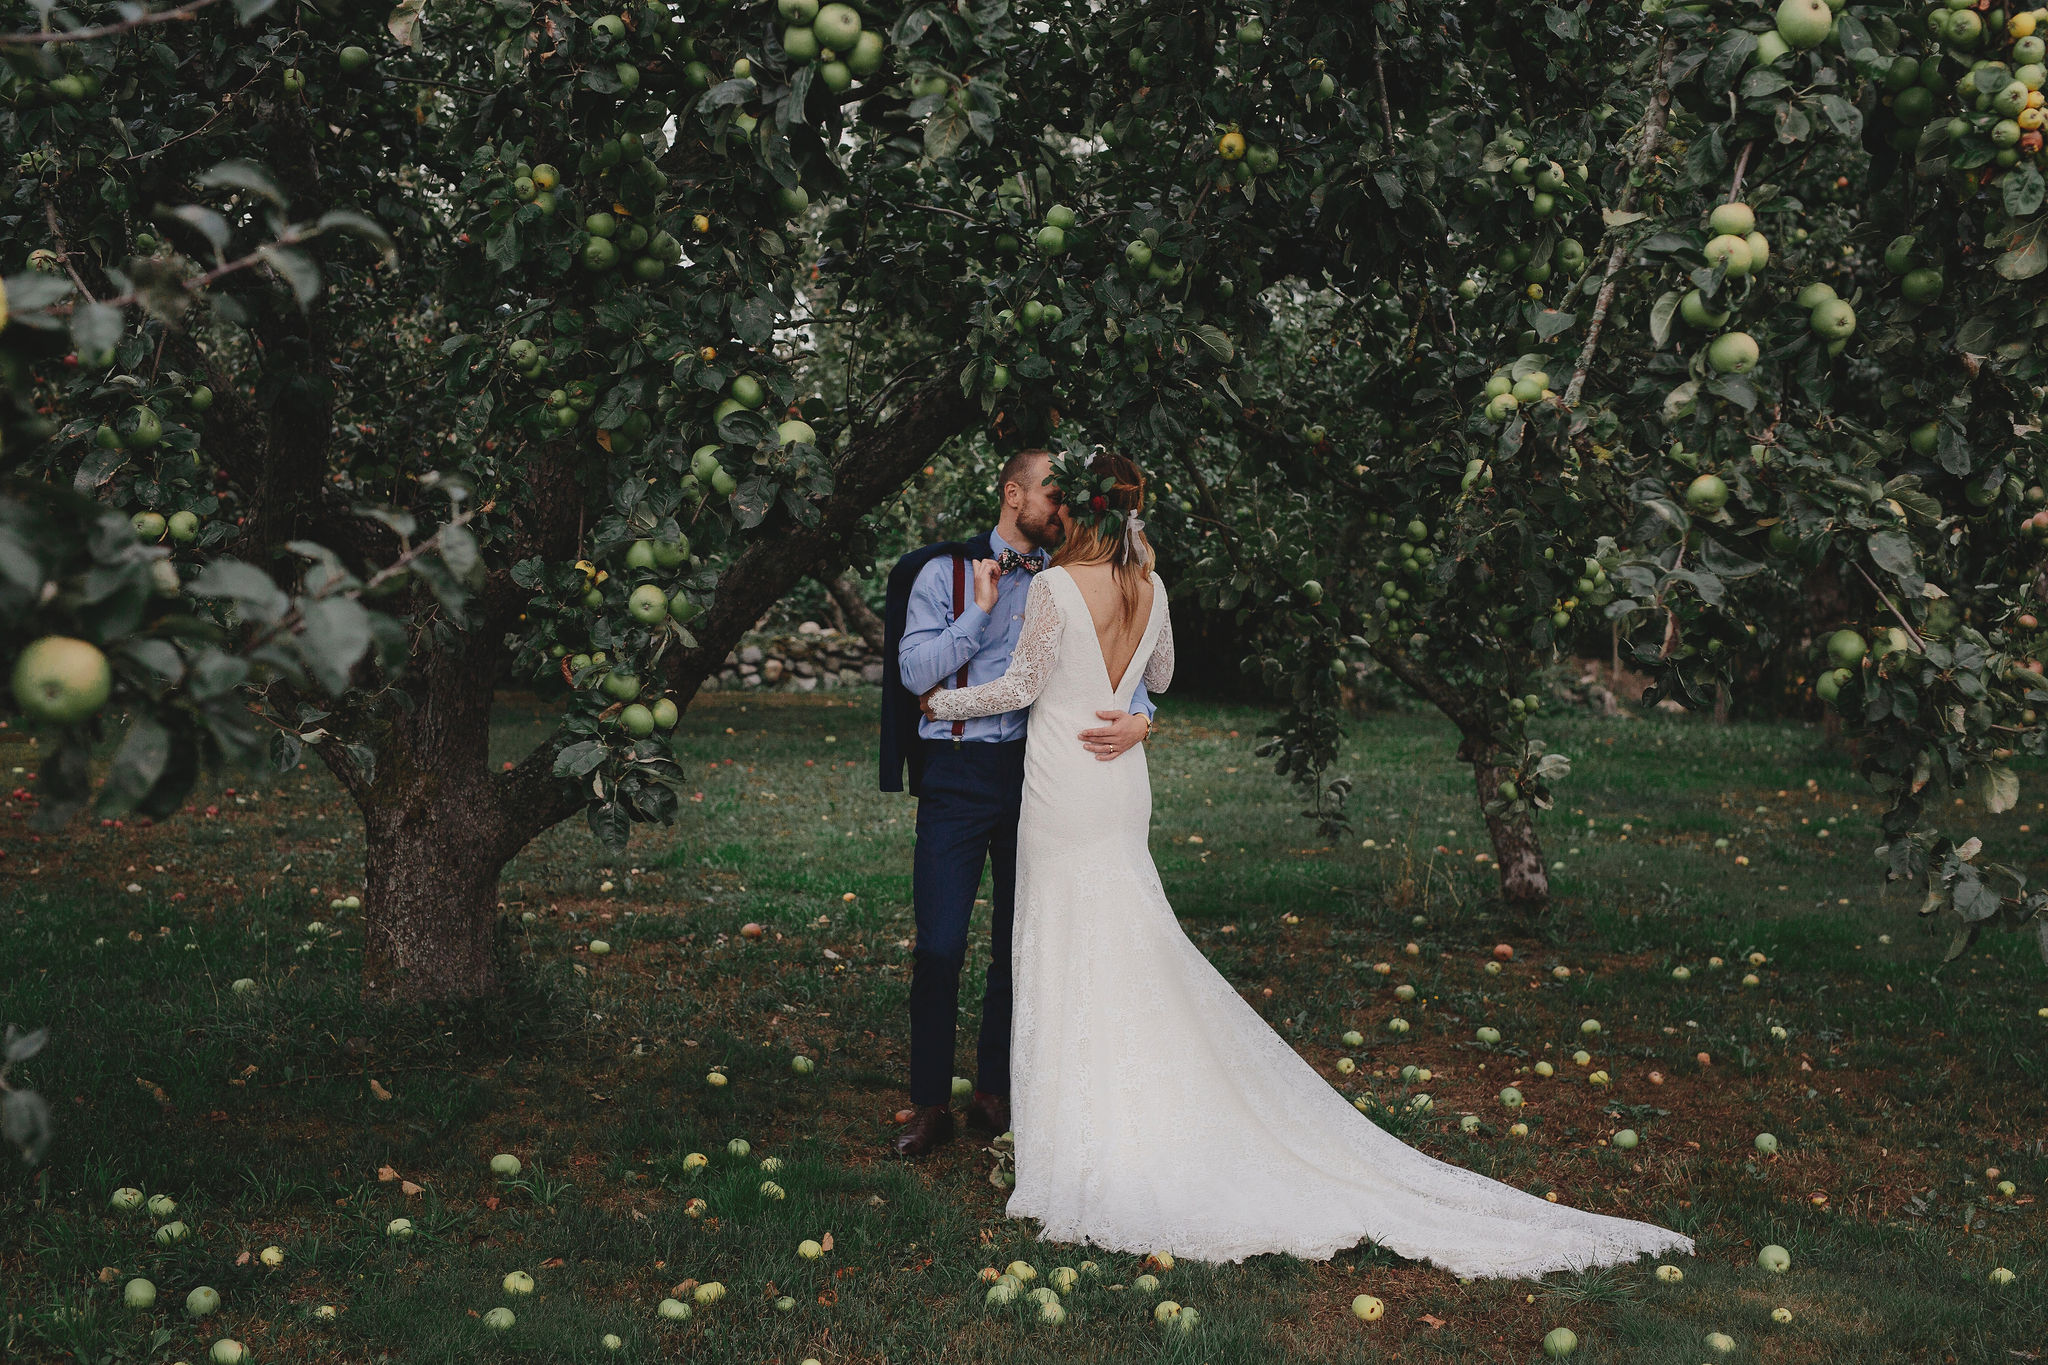 brudpar+bröllop+bröllopsfotograf+Skåne+fotograf